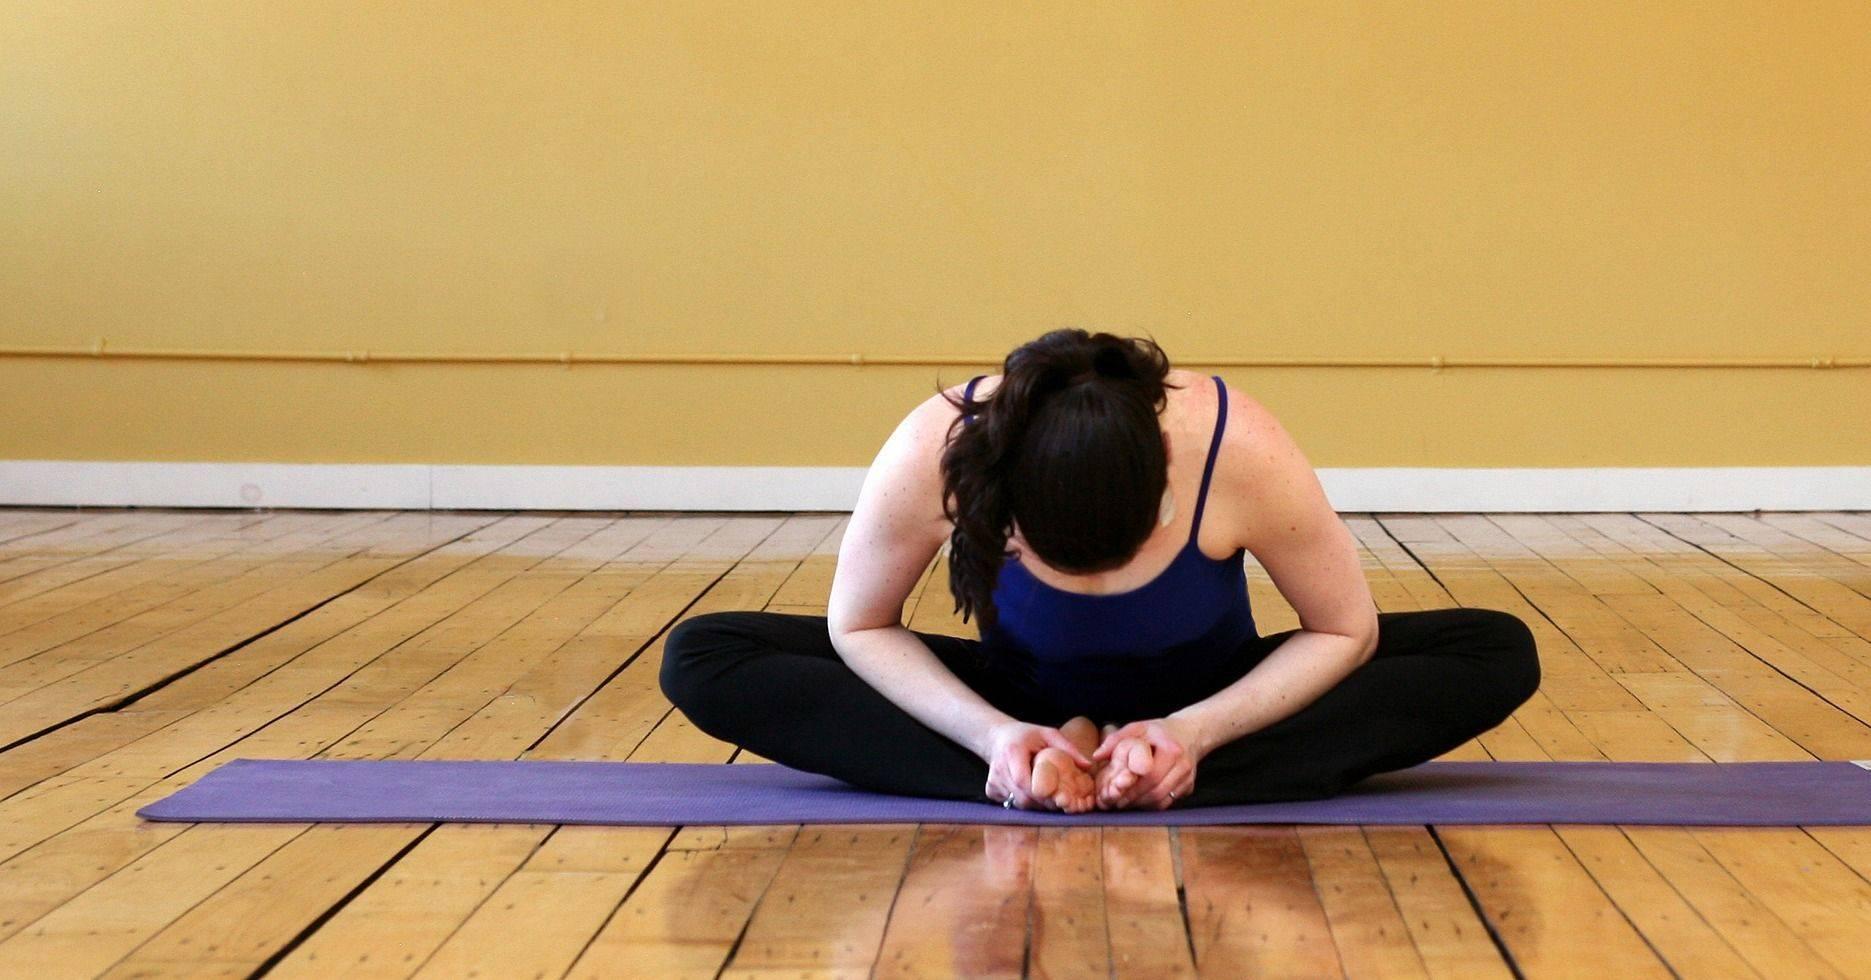 Йога и сердечно-сосудистая система, исследование о пользе йоги для сосудов и сердца